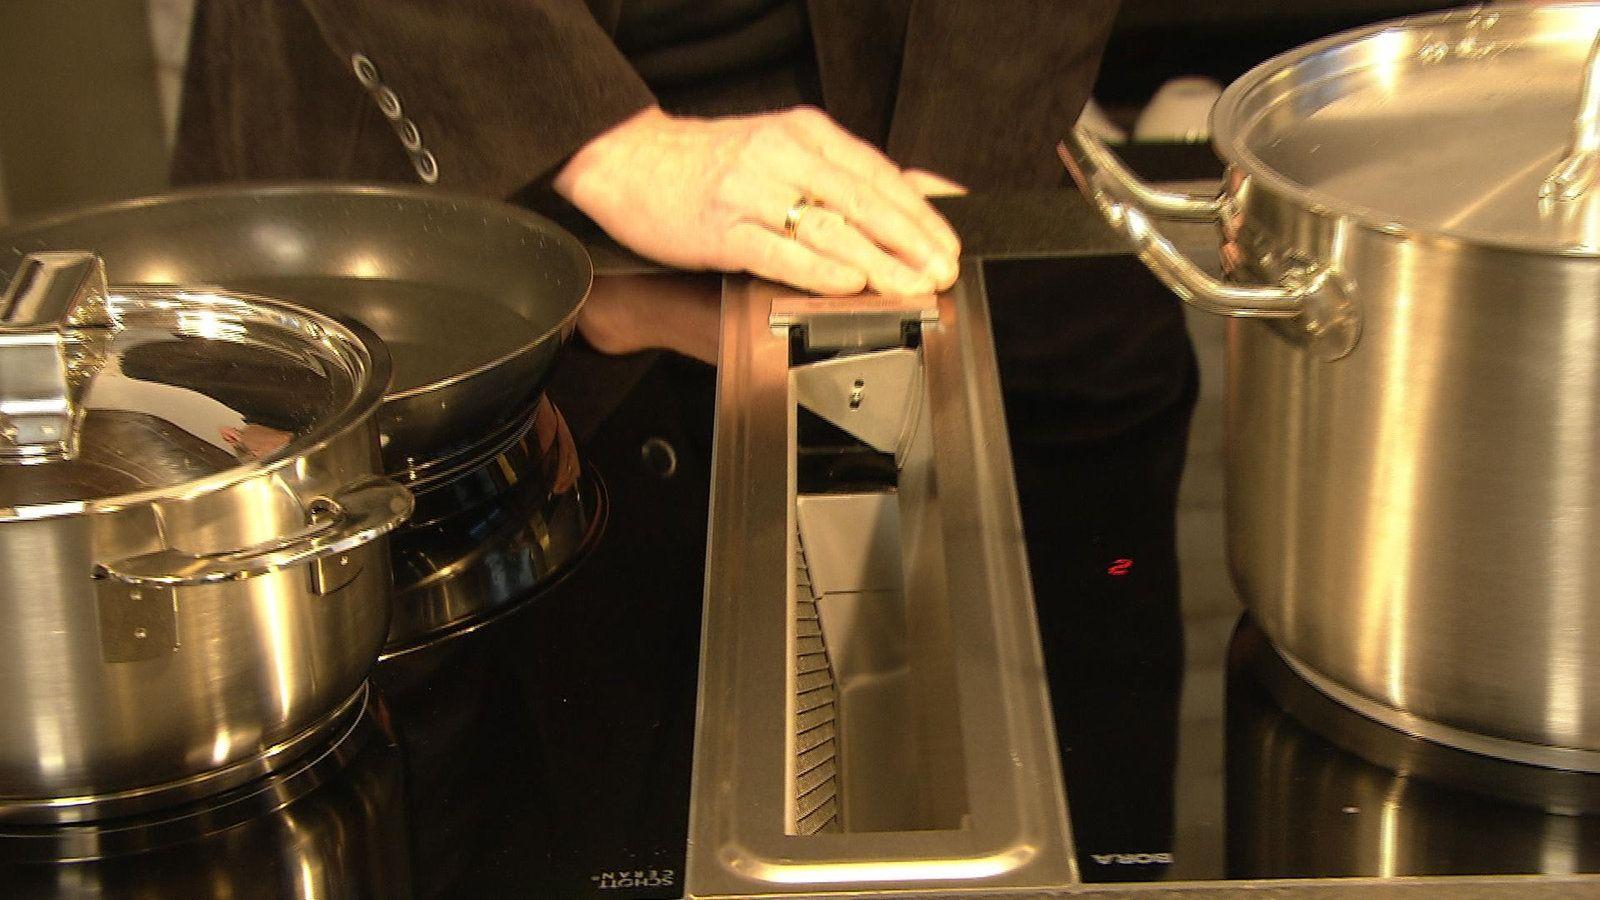 Bora muldenlüftung im test mit video die dunstabzugshaube ist aus